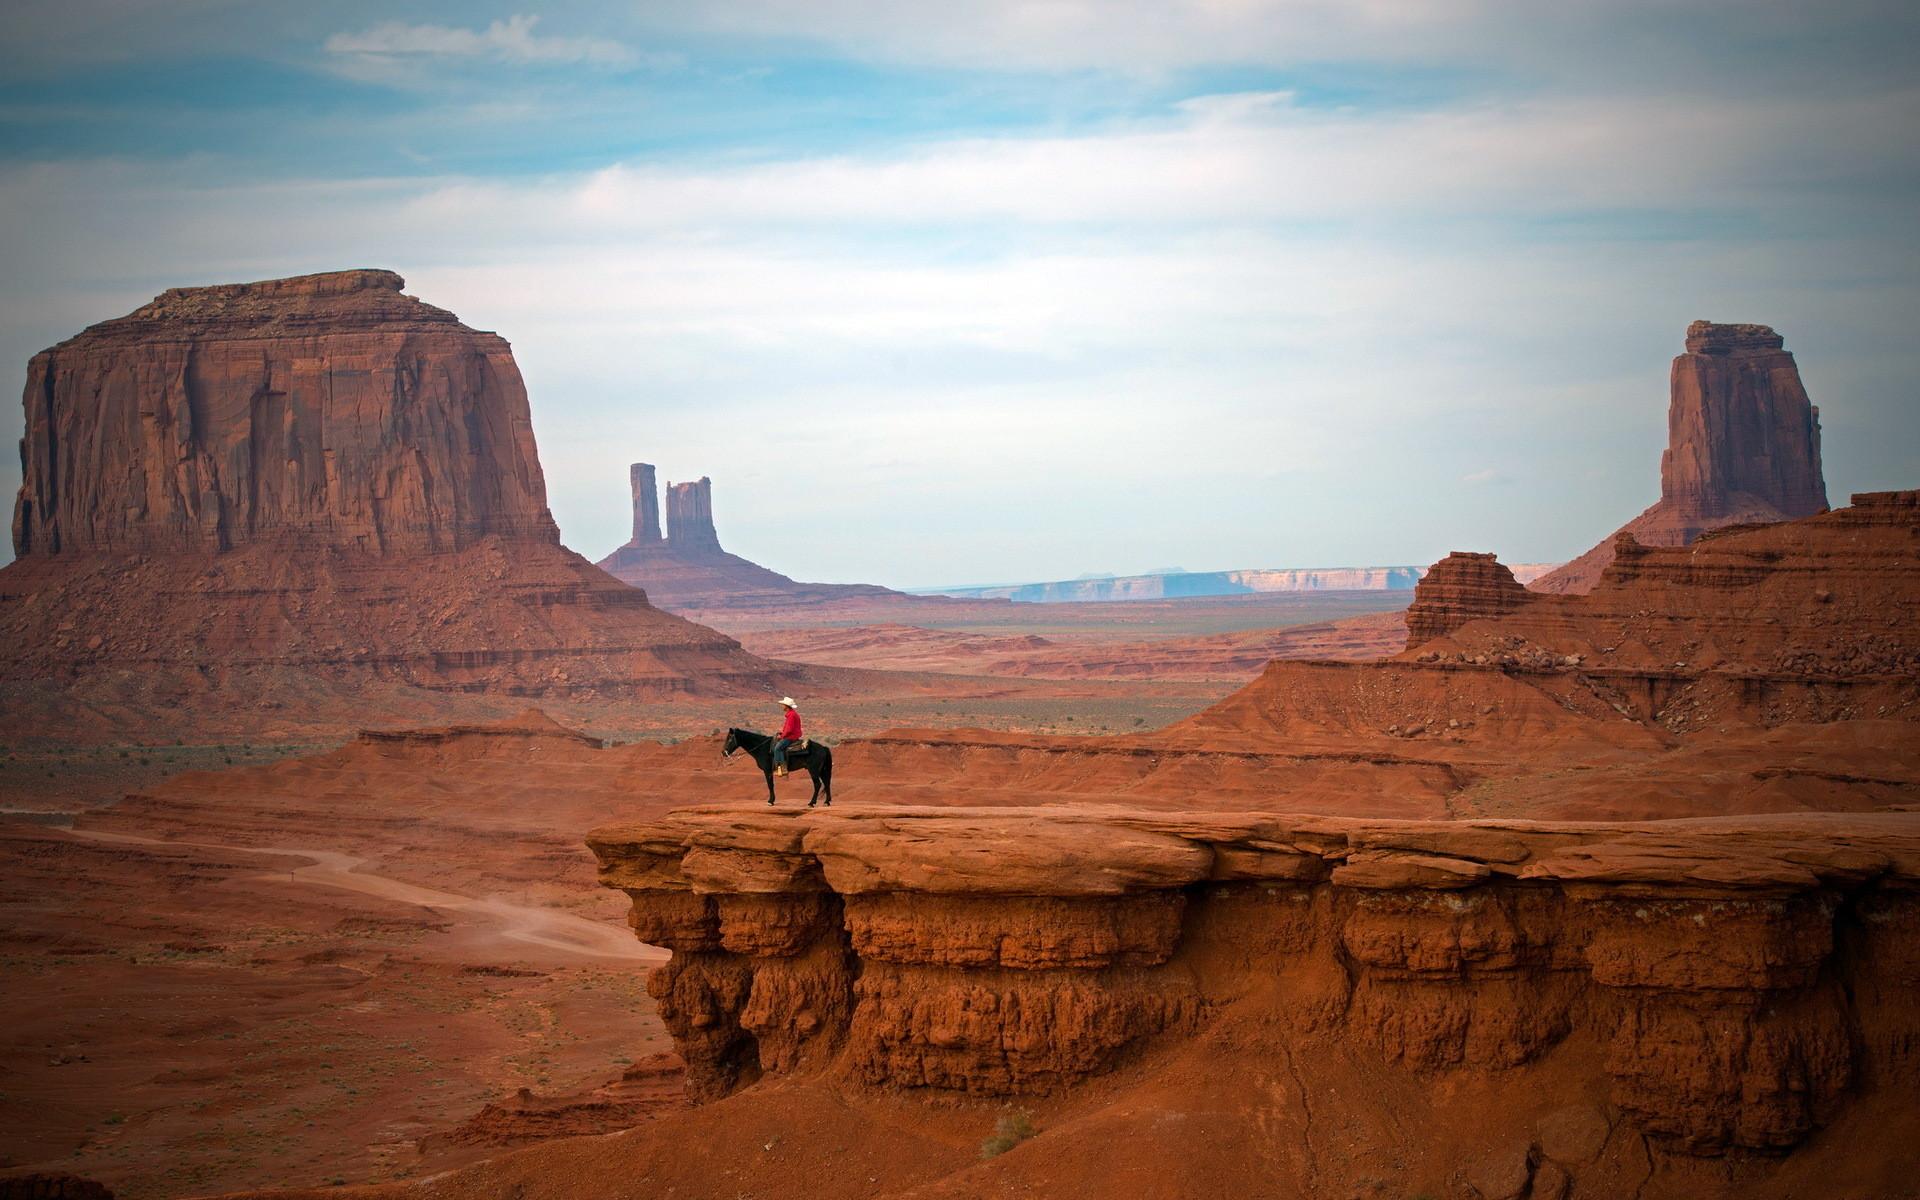 cowboy west hat people places nature landscapes canyon cliffs desert sky  clouds mood wallpaper